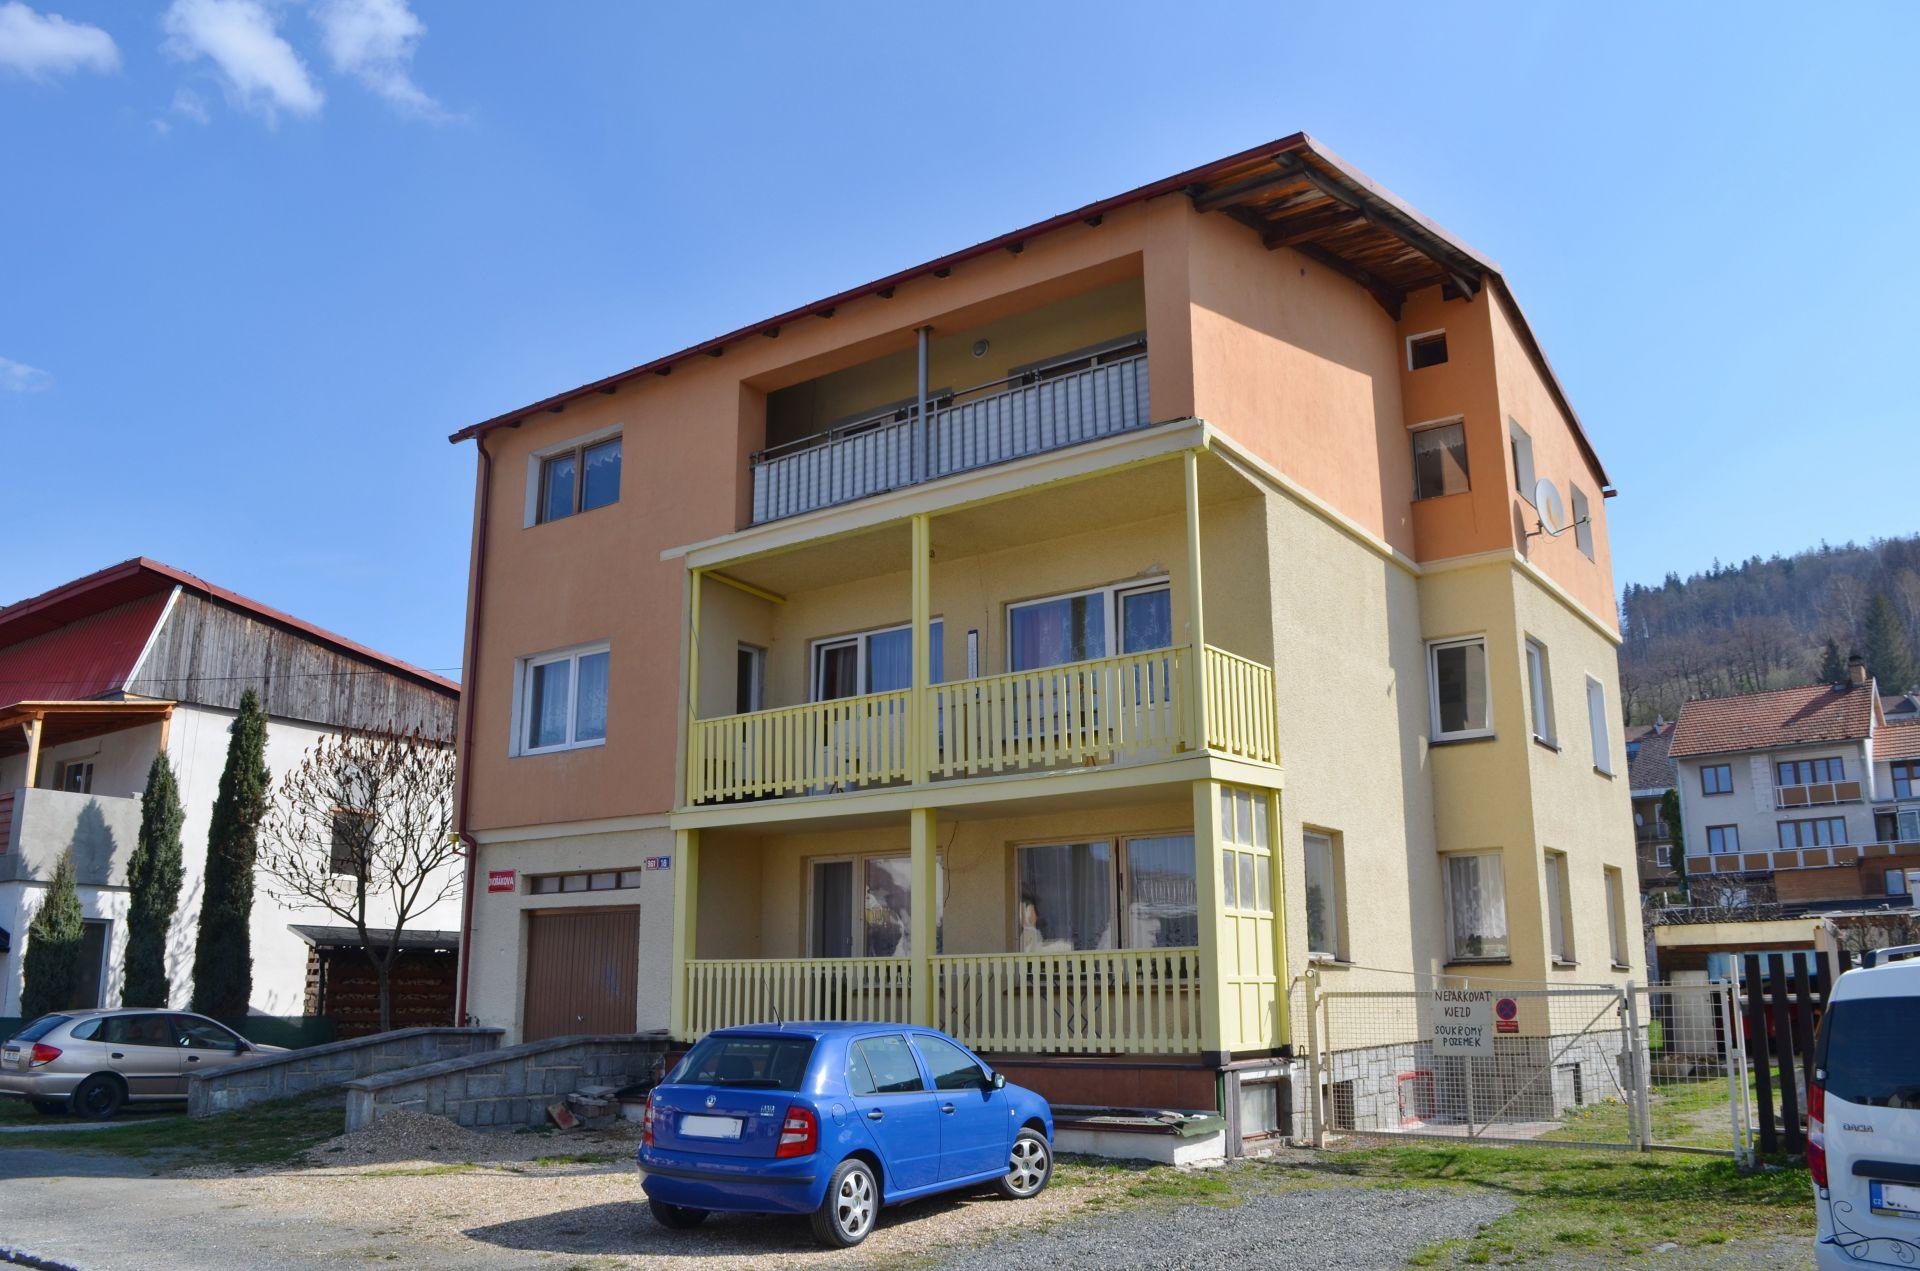 Prodej bytu 3+1, 118 m2 v Lázeňském městě Jeseník